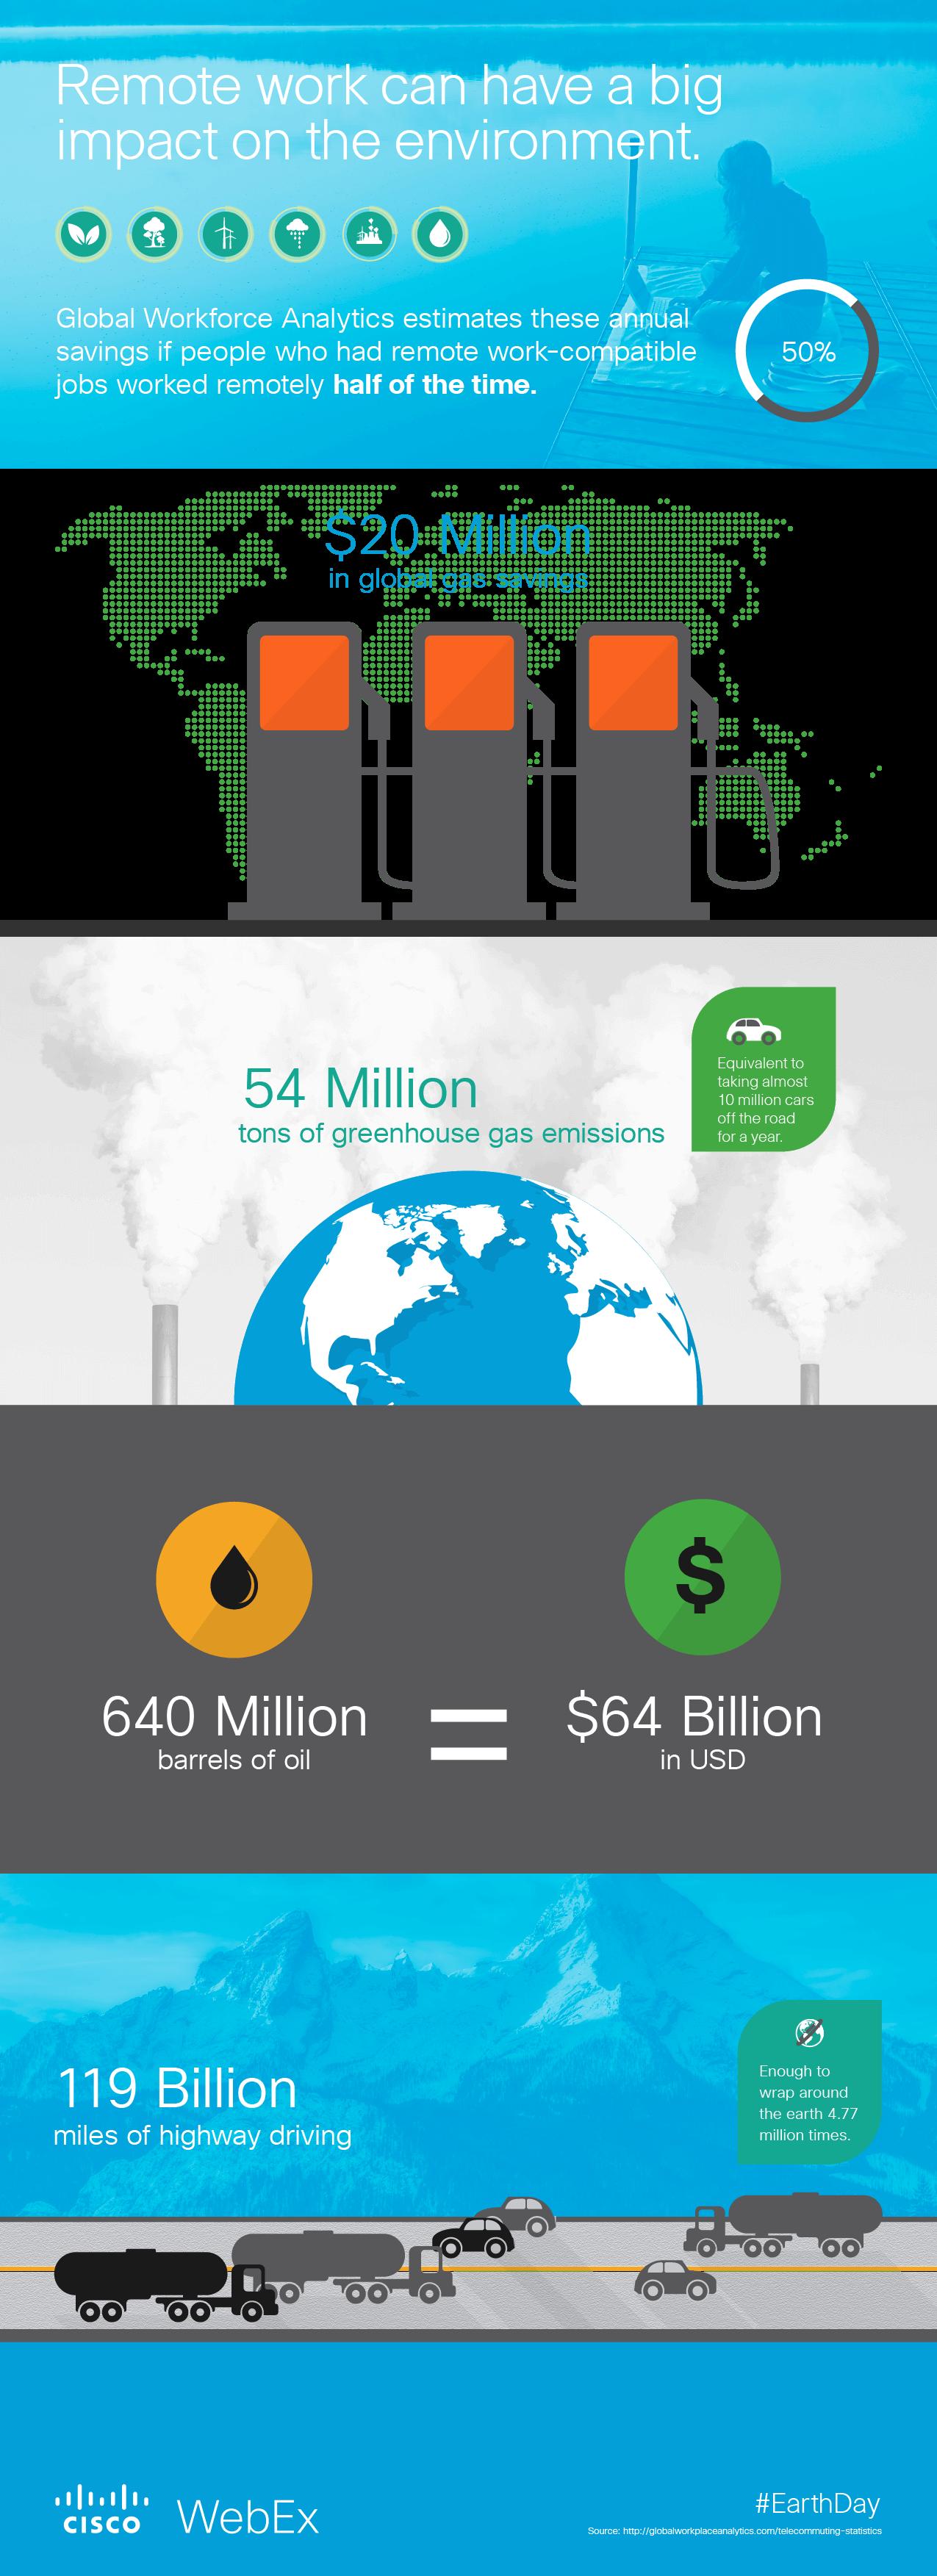 webex enviro infographic